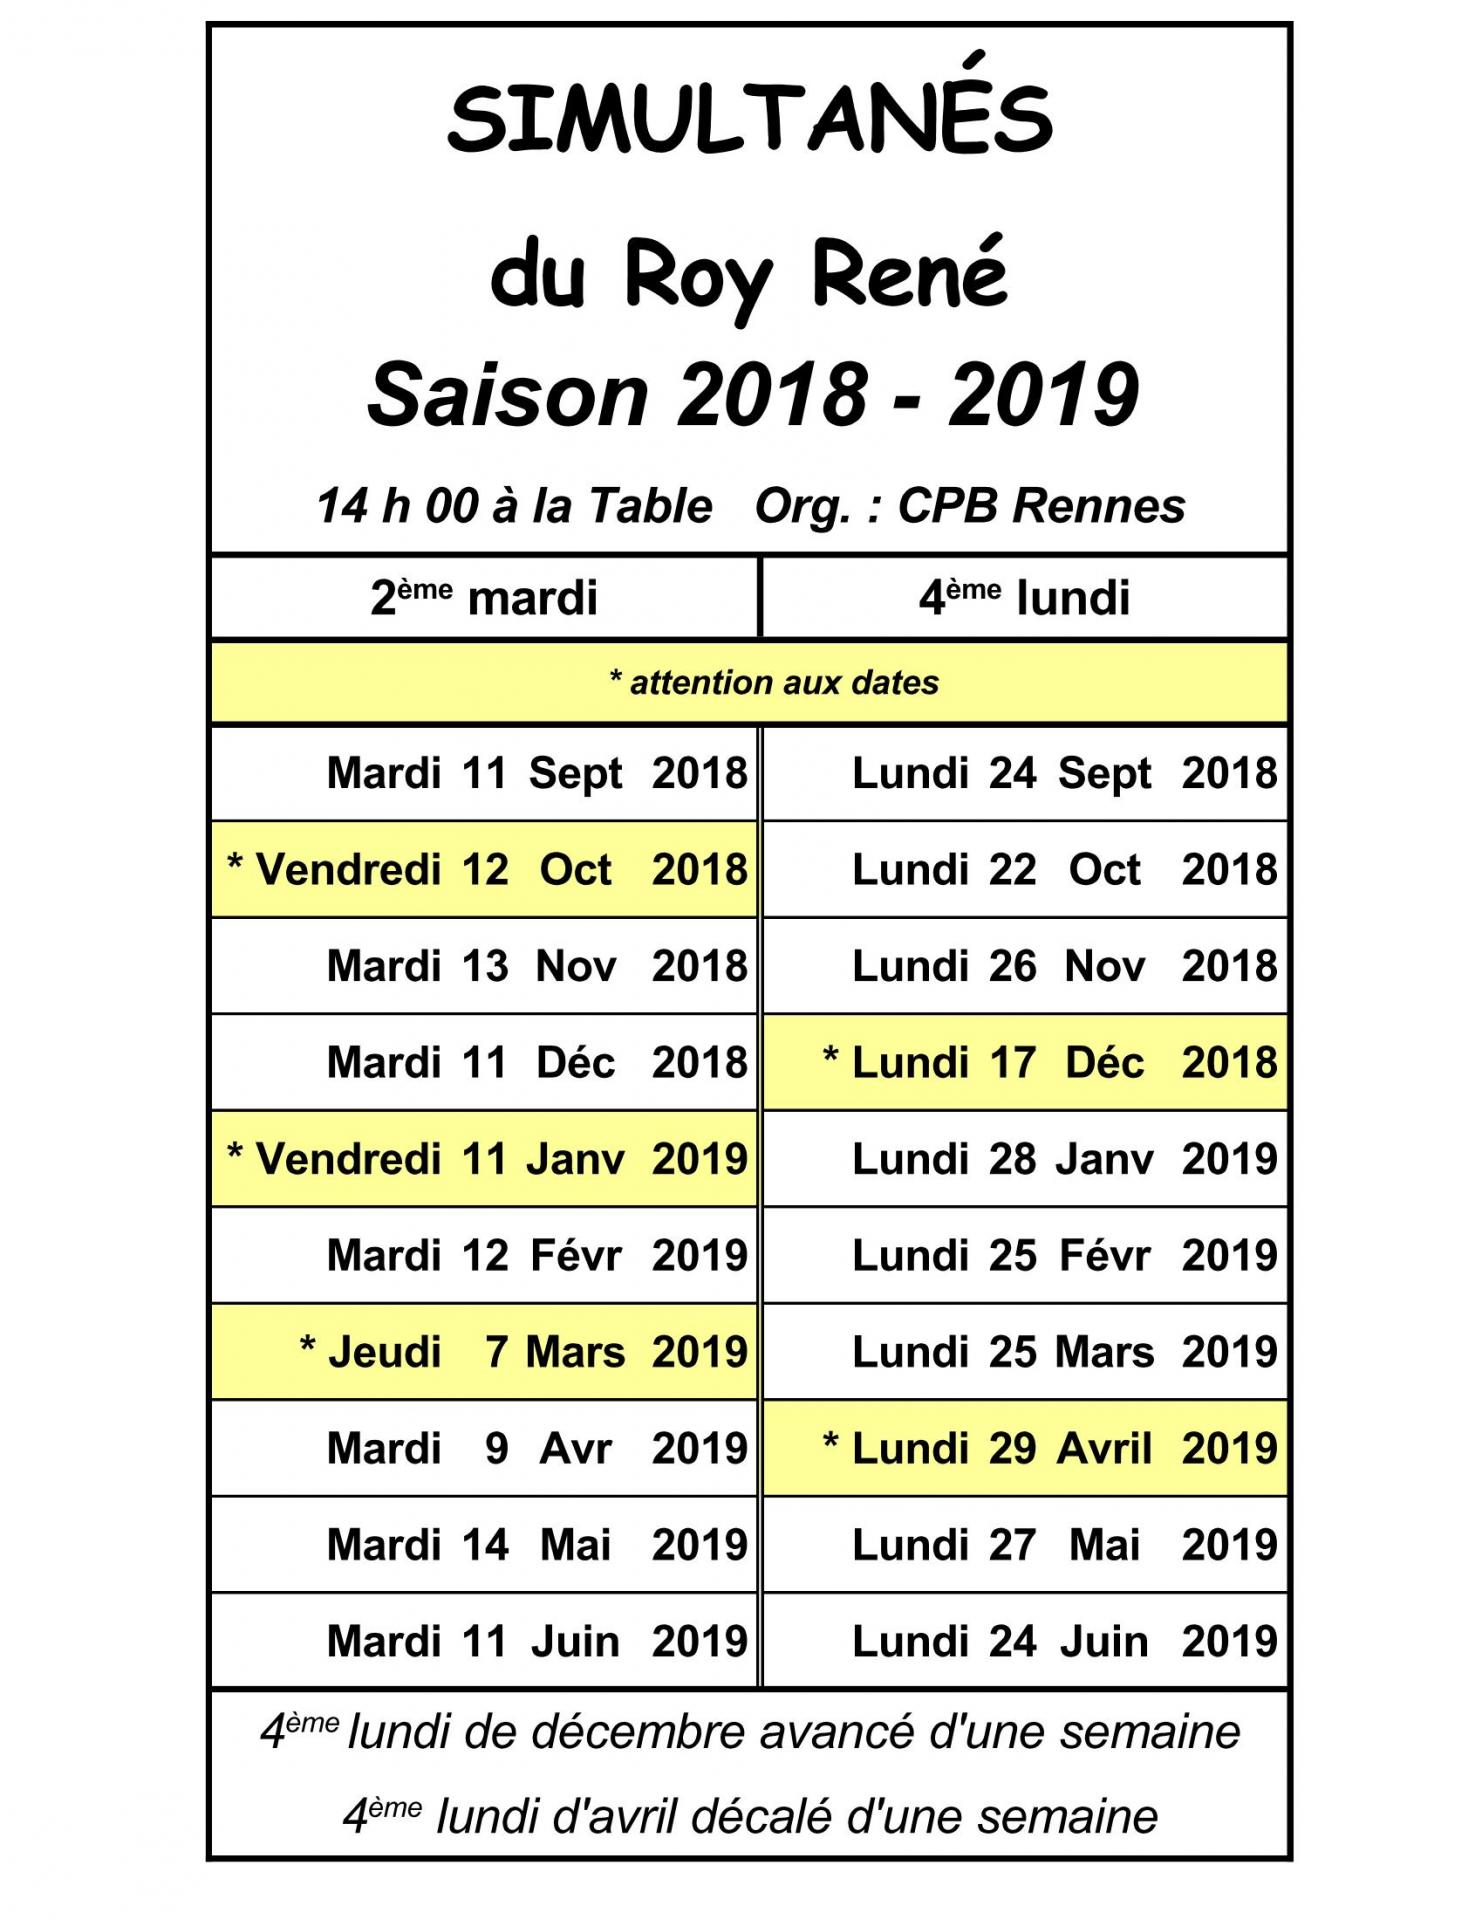 Roy René 2018 2019